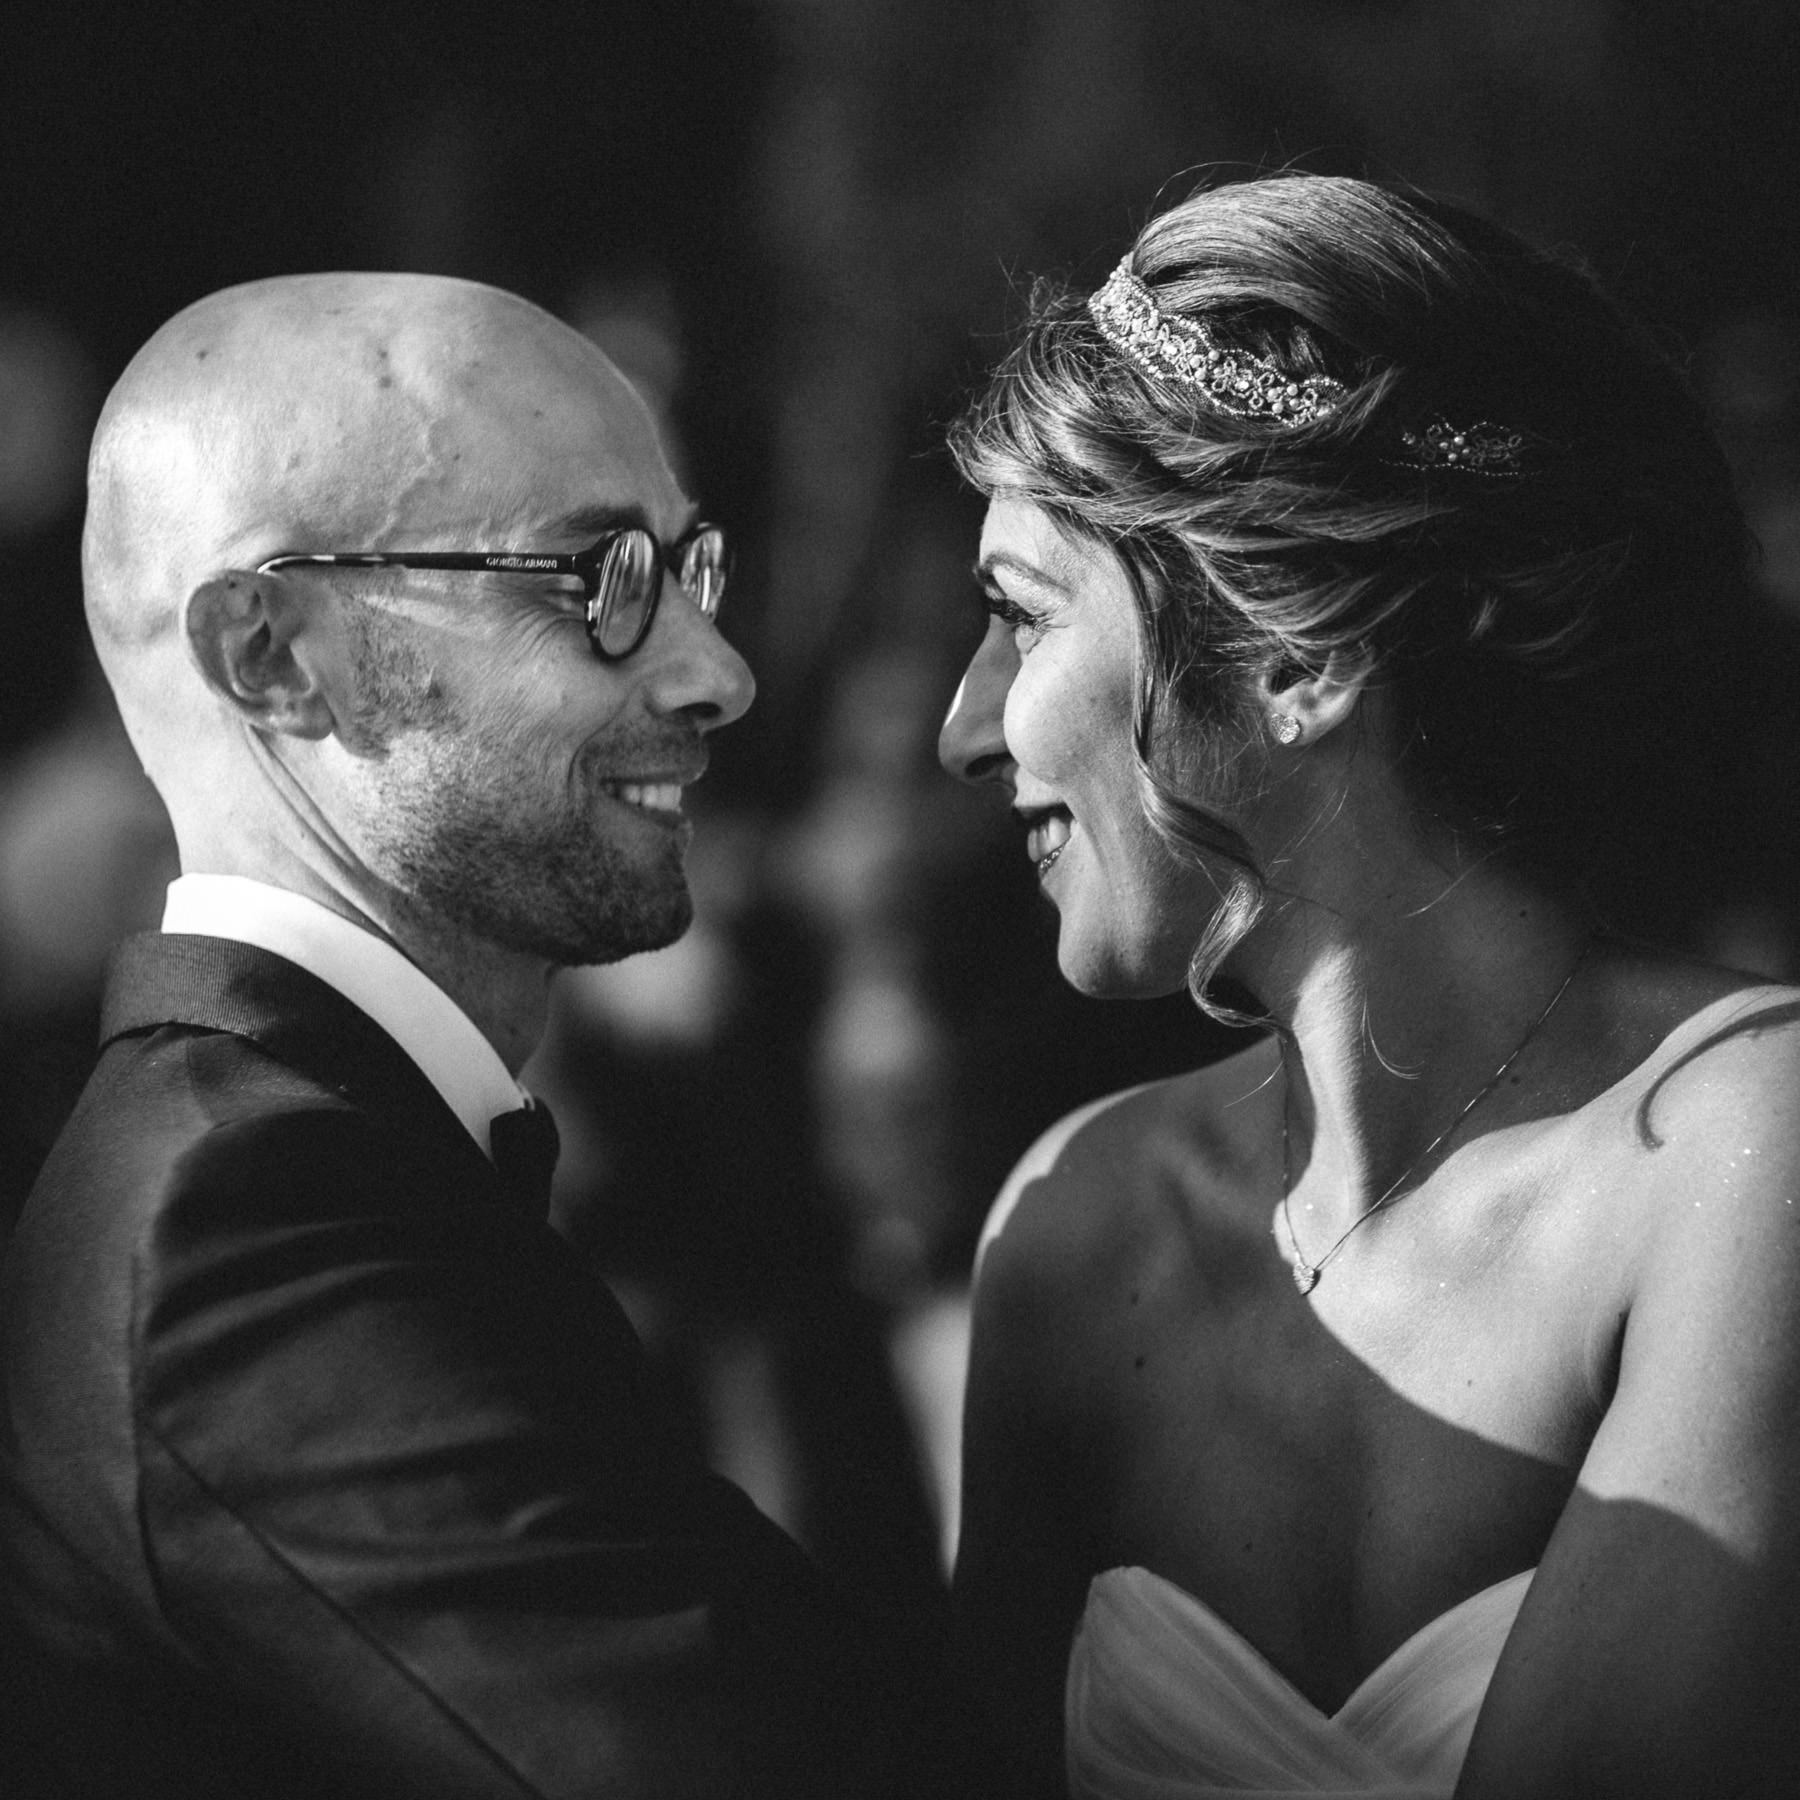 fotografo-matrimonio-monte-gesso-cerimonia-civile-sguardi-francesco-ferrarini